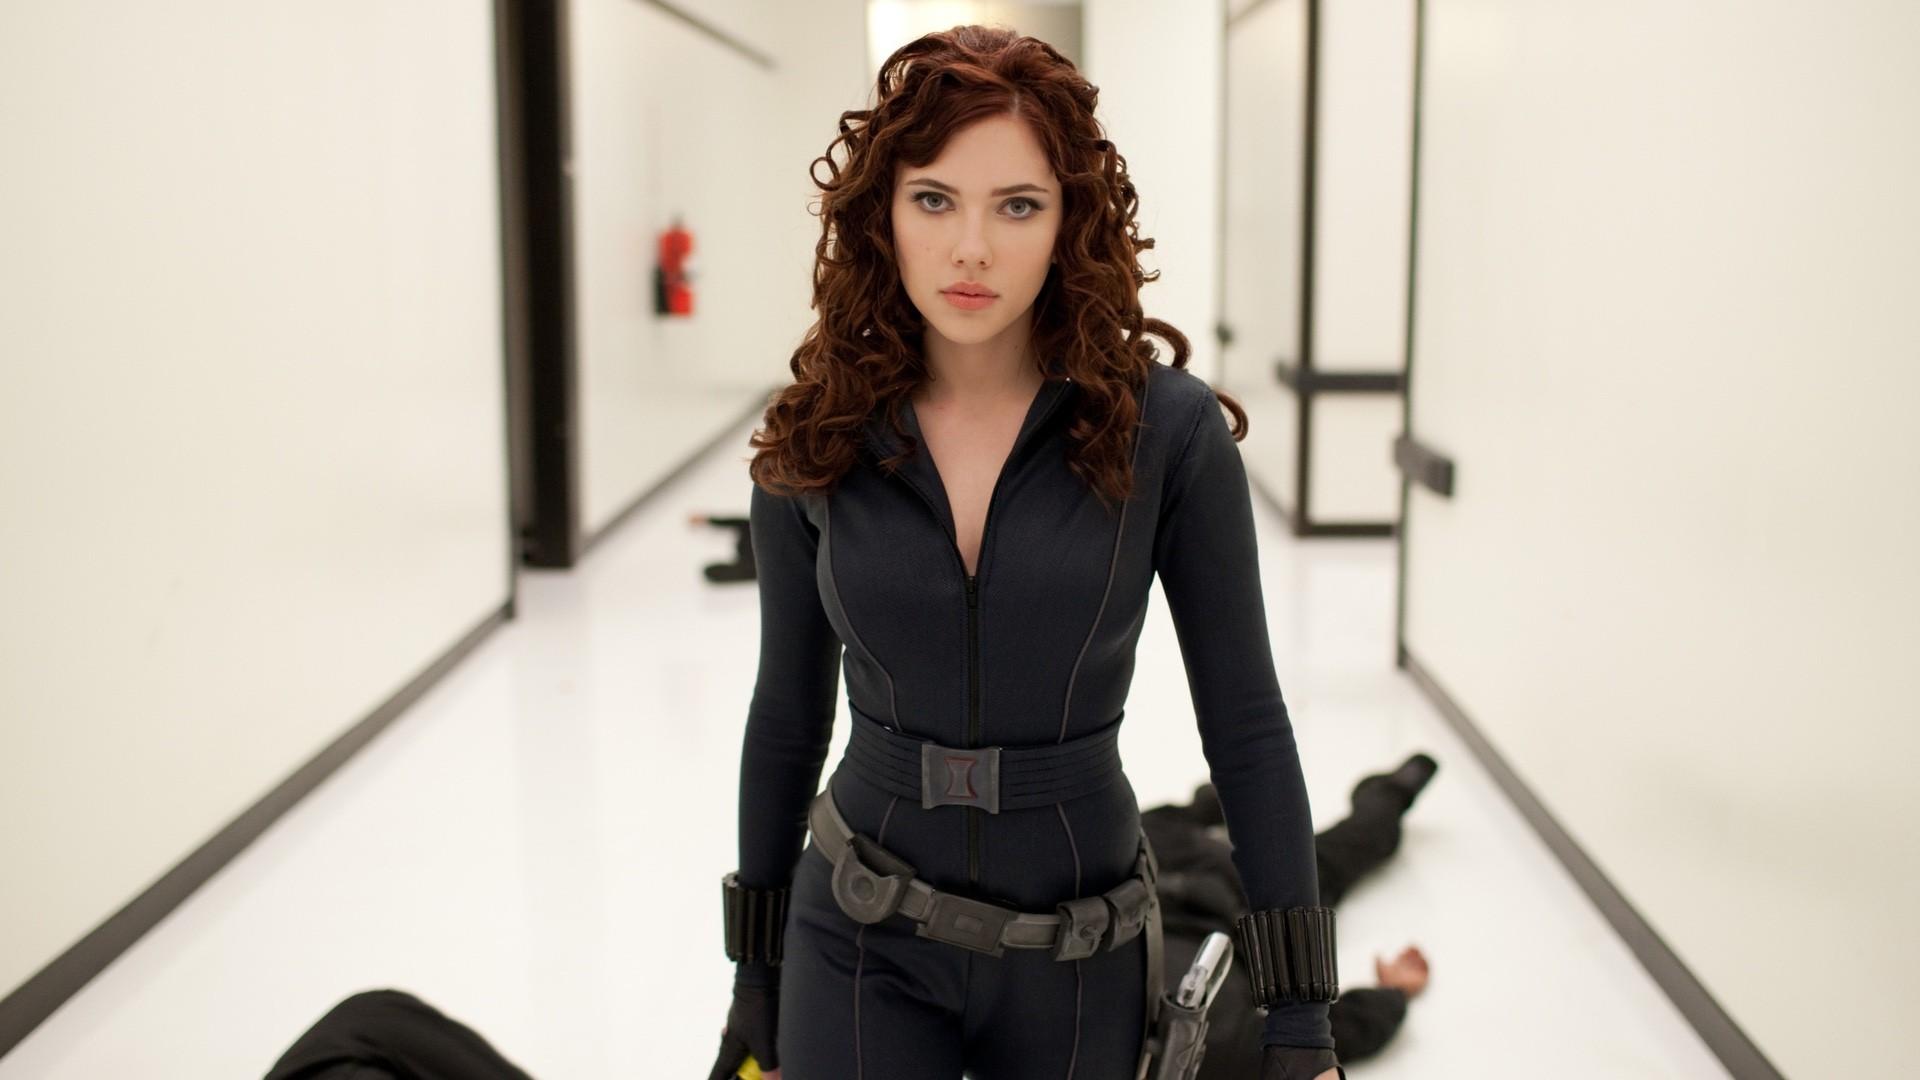 「黑寡婦」史嘉蕾喬韓森(Scarlett Johansson)。(圖/《鋼鐵人2》劇照)